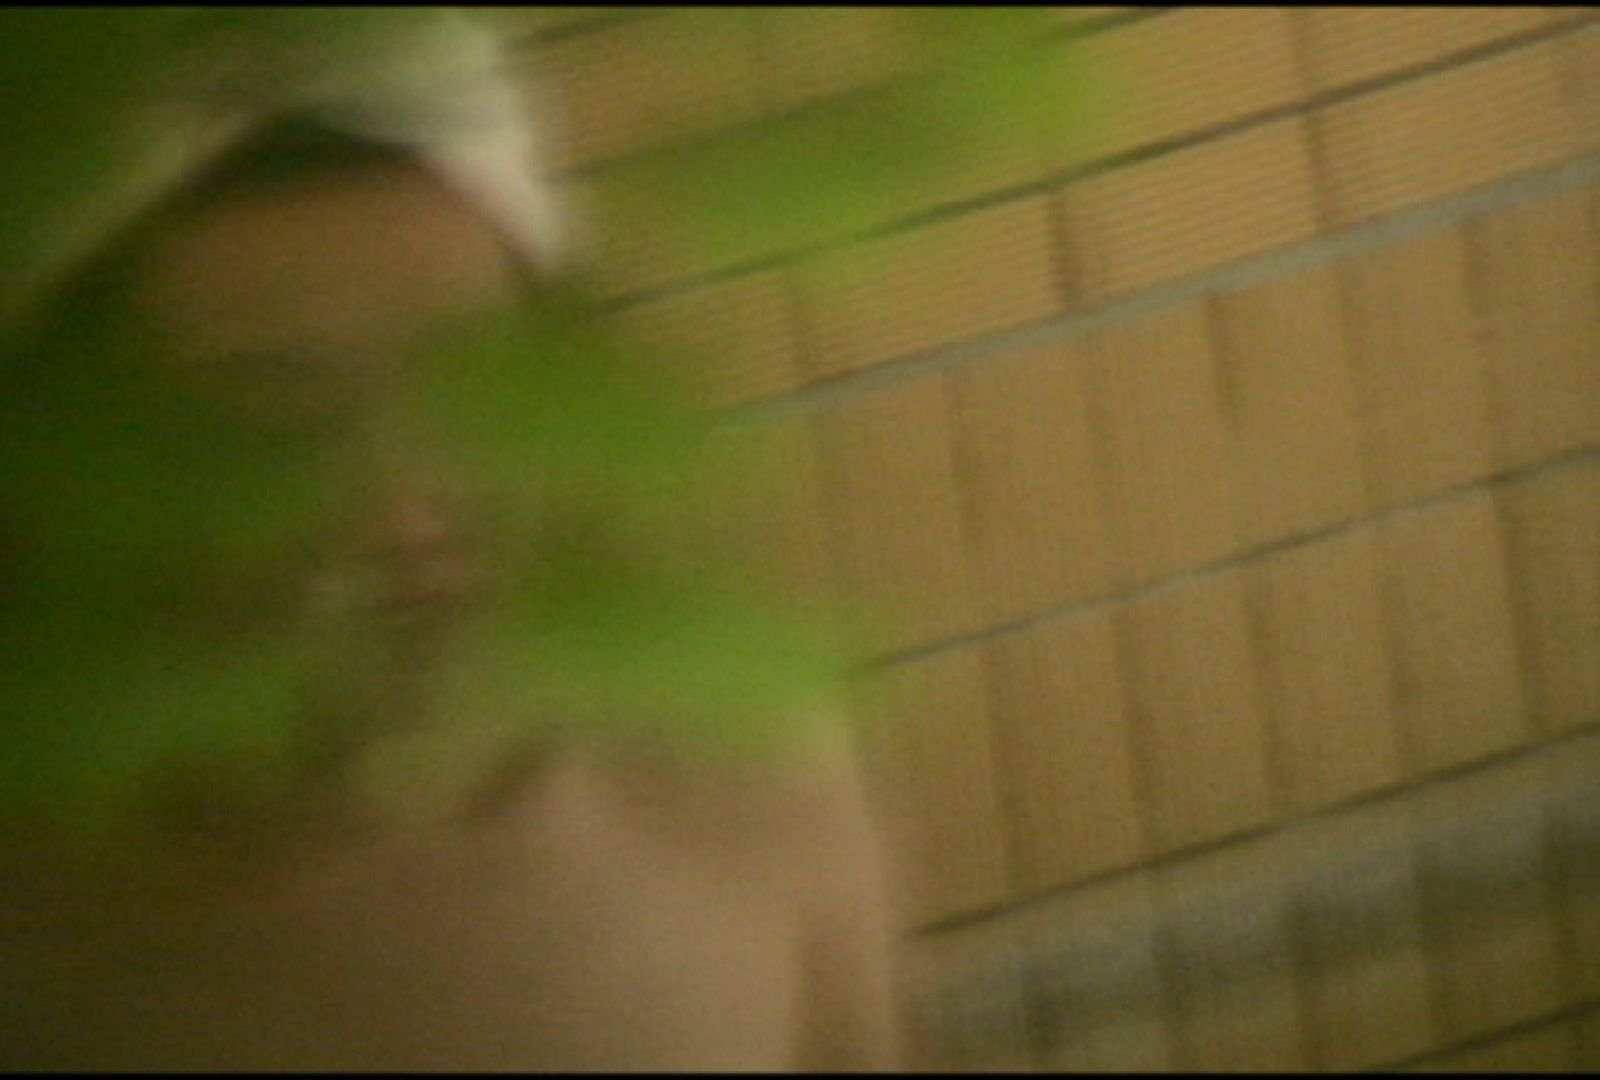 アダルトエロ動画|No.5 イイ笑顔ですねぇ、もう少しで割れ目さん見えたのに・・・|怪盗ジョーカー